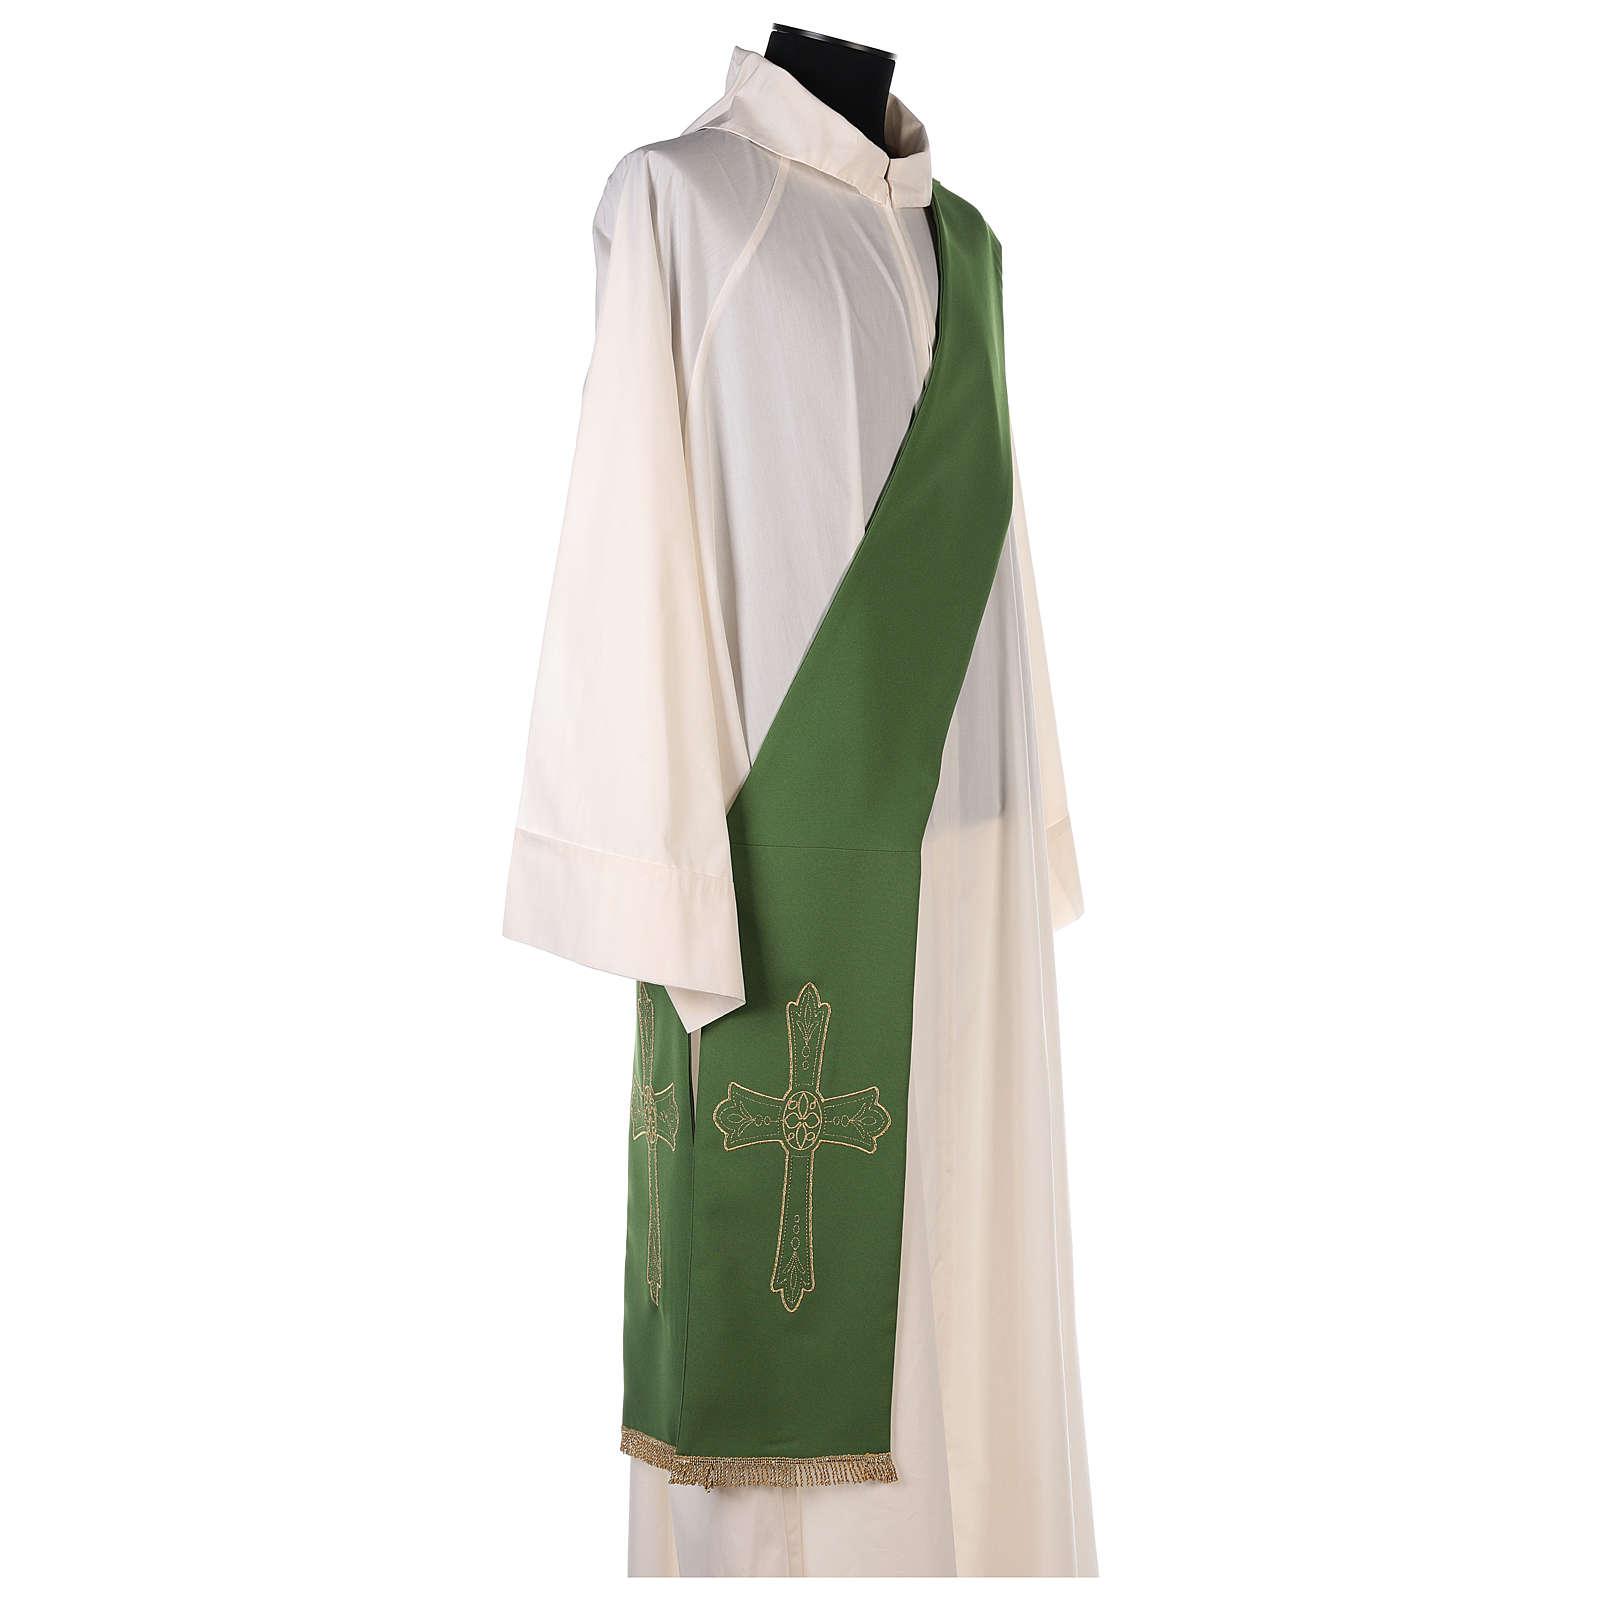 Stola diacono tessuto Vatican croce fiore fronte retro 4